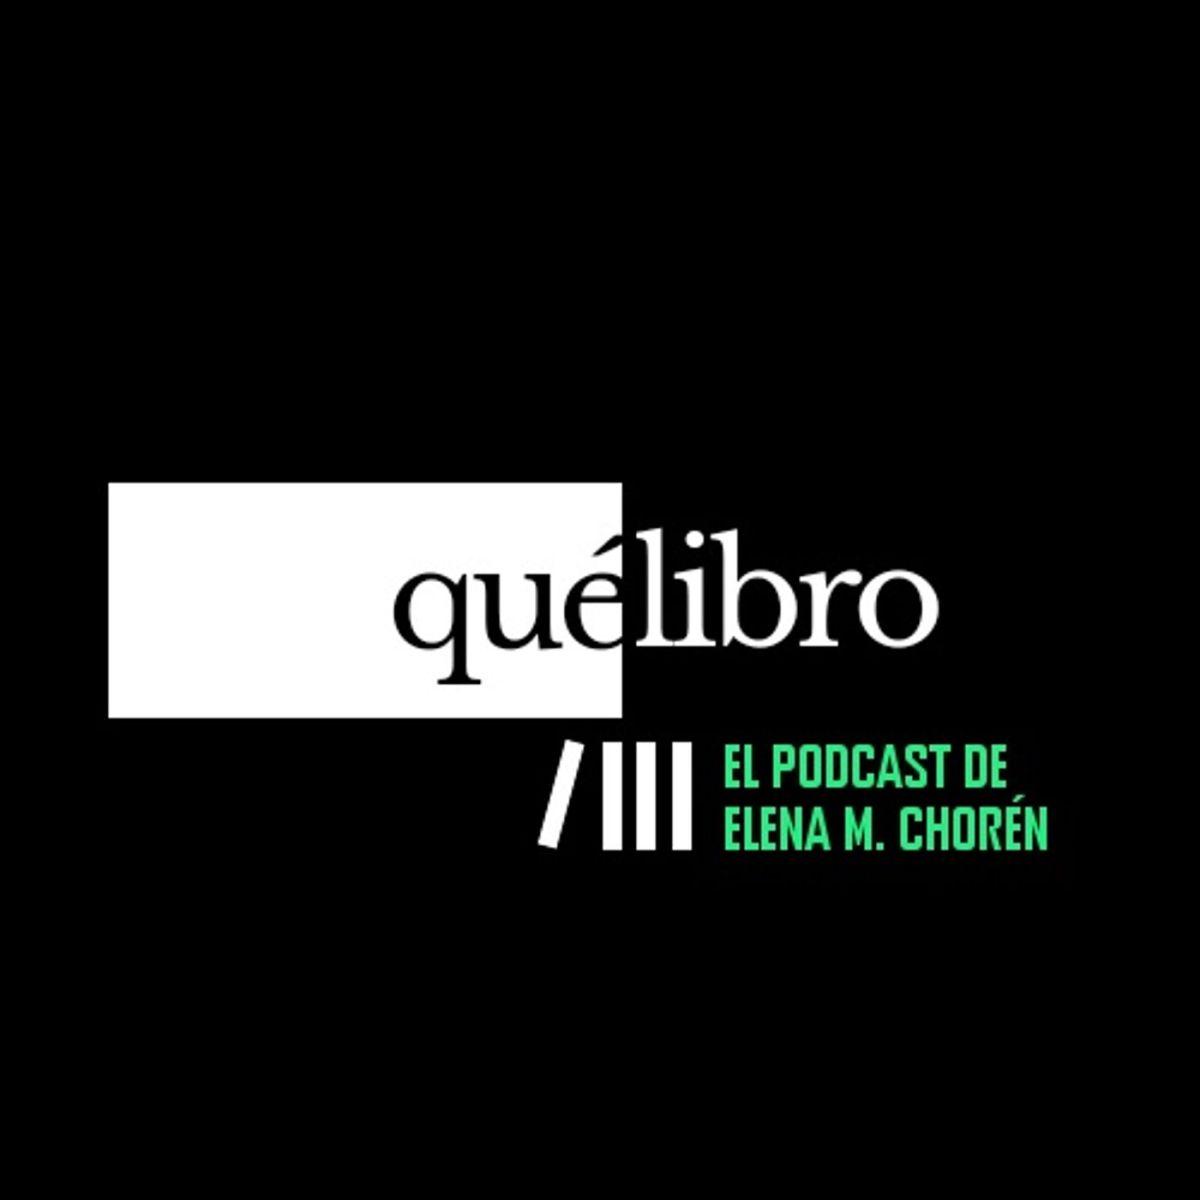 Qué libro. El podcast de Elena M. Chorén